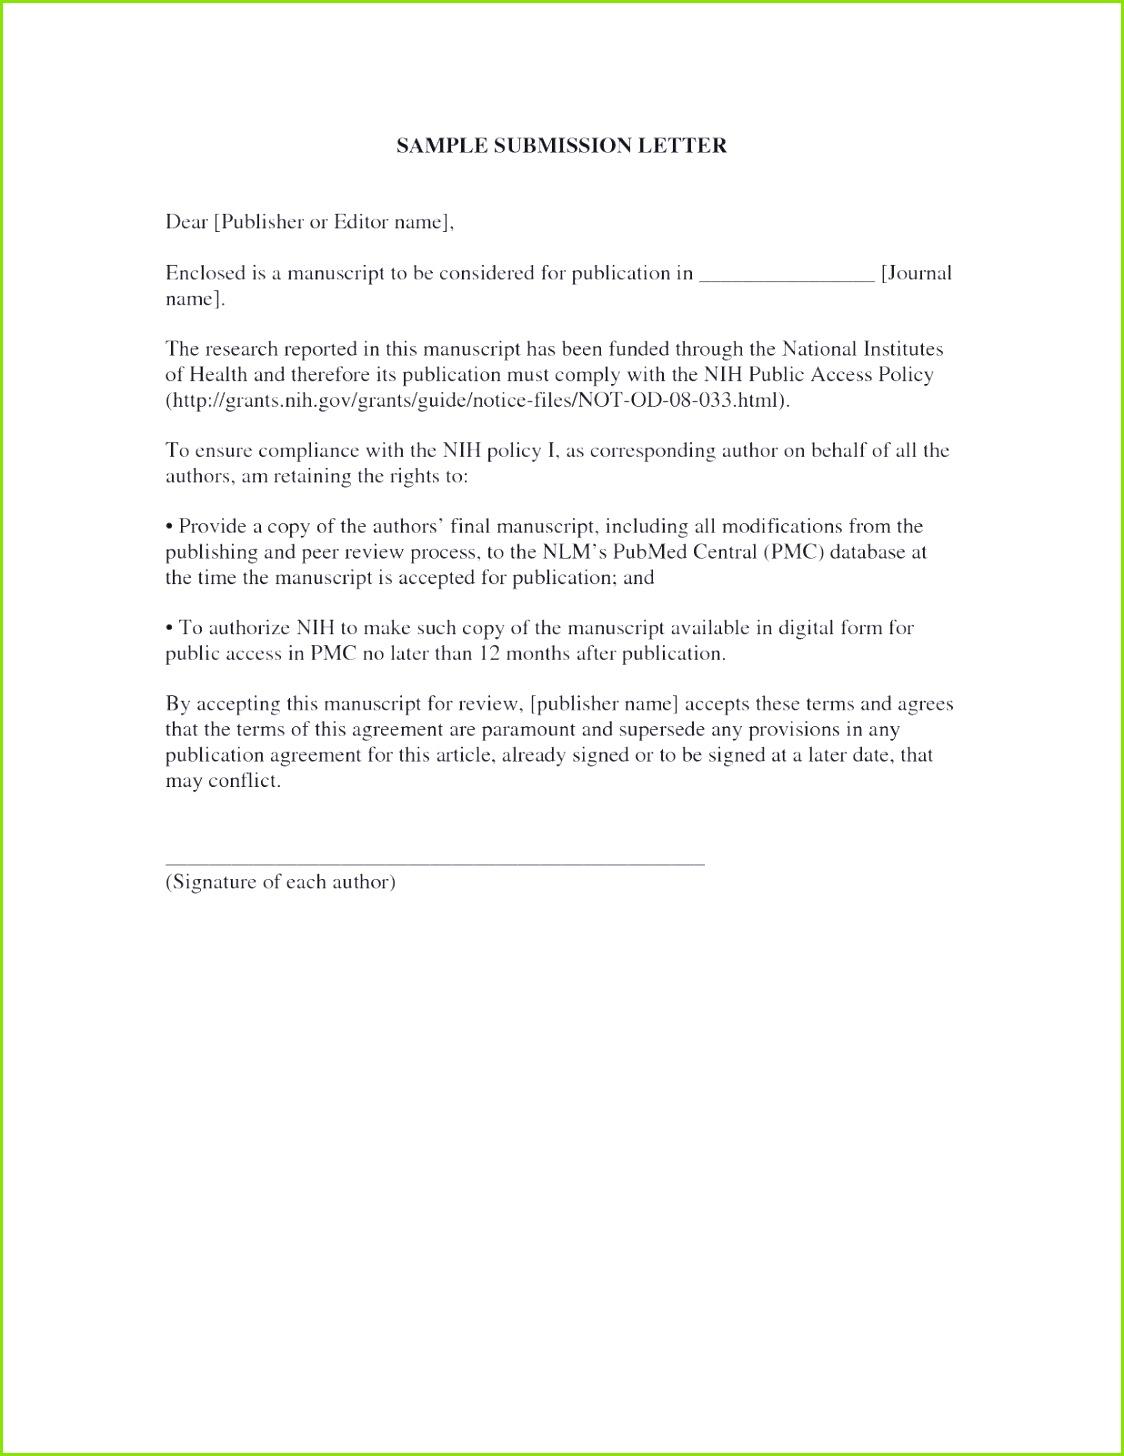 Großartig Mitbewohner Abkommen Vorlage Ideen Bilder für das Vorlage Fragebogen – Personalfragebogen Vorlage